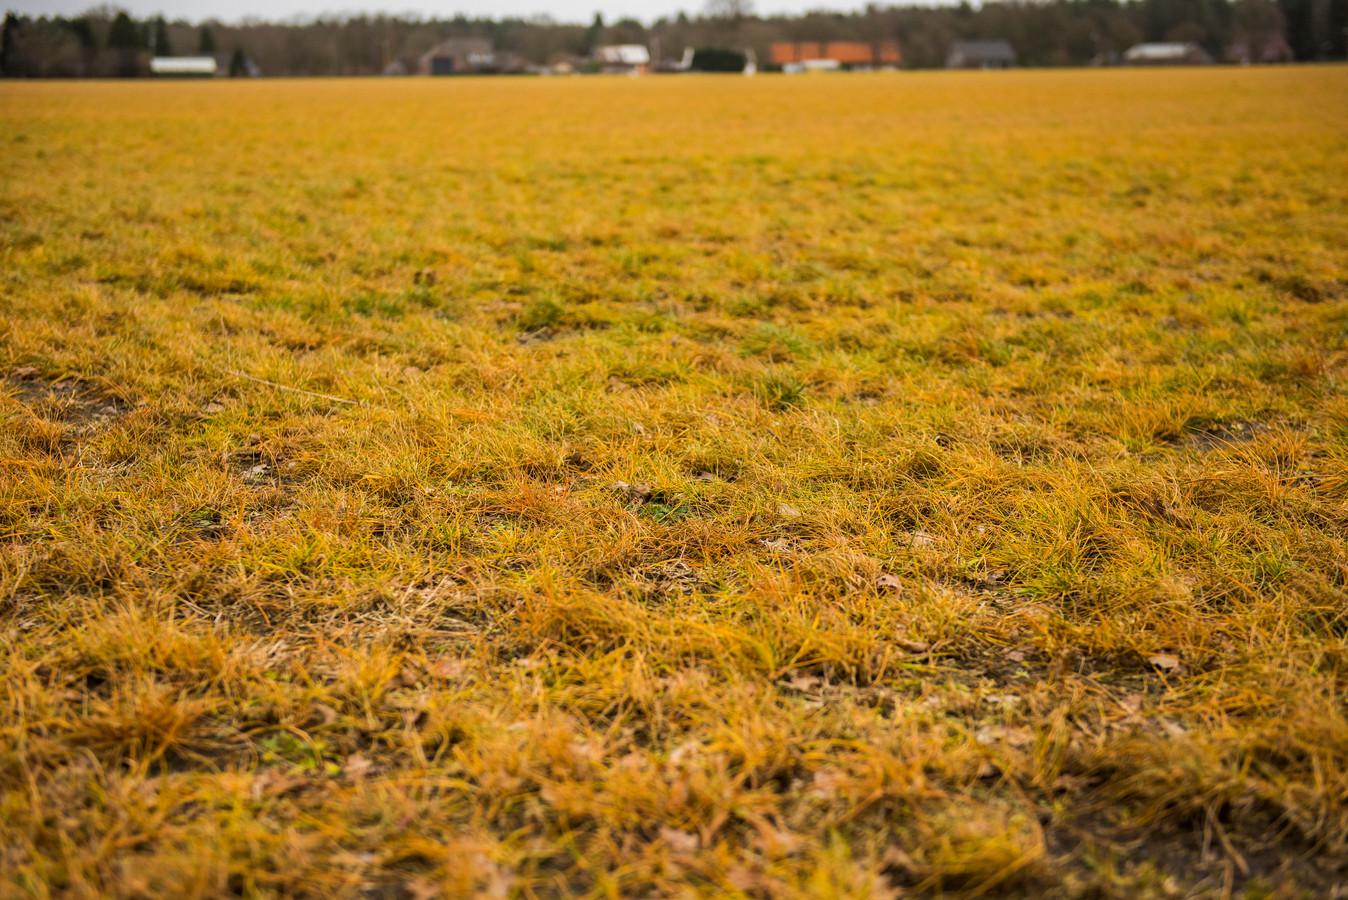 De gele kleur van bespoten weilanden is steeds minder te zien. Olst-Wijhe verbiedt het omstreden glyfosaat op landbouwgrond van de gemeente.